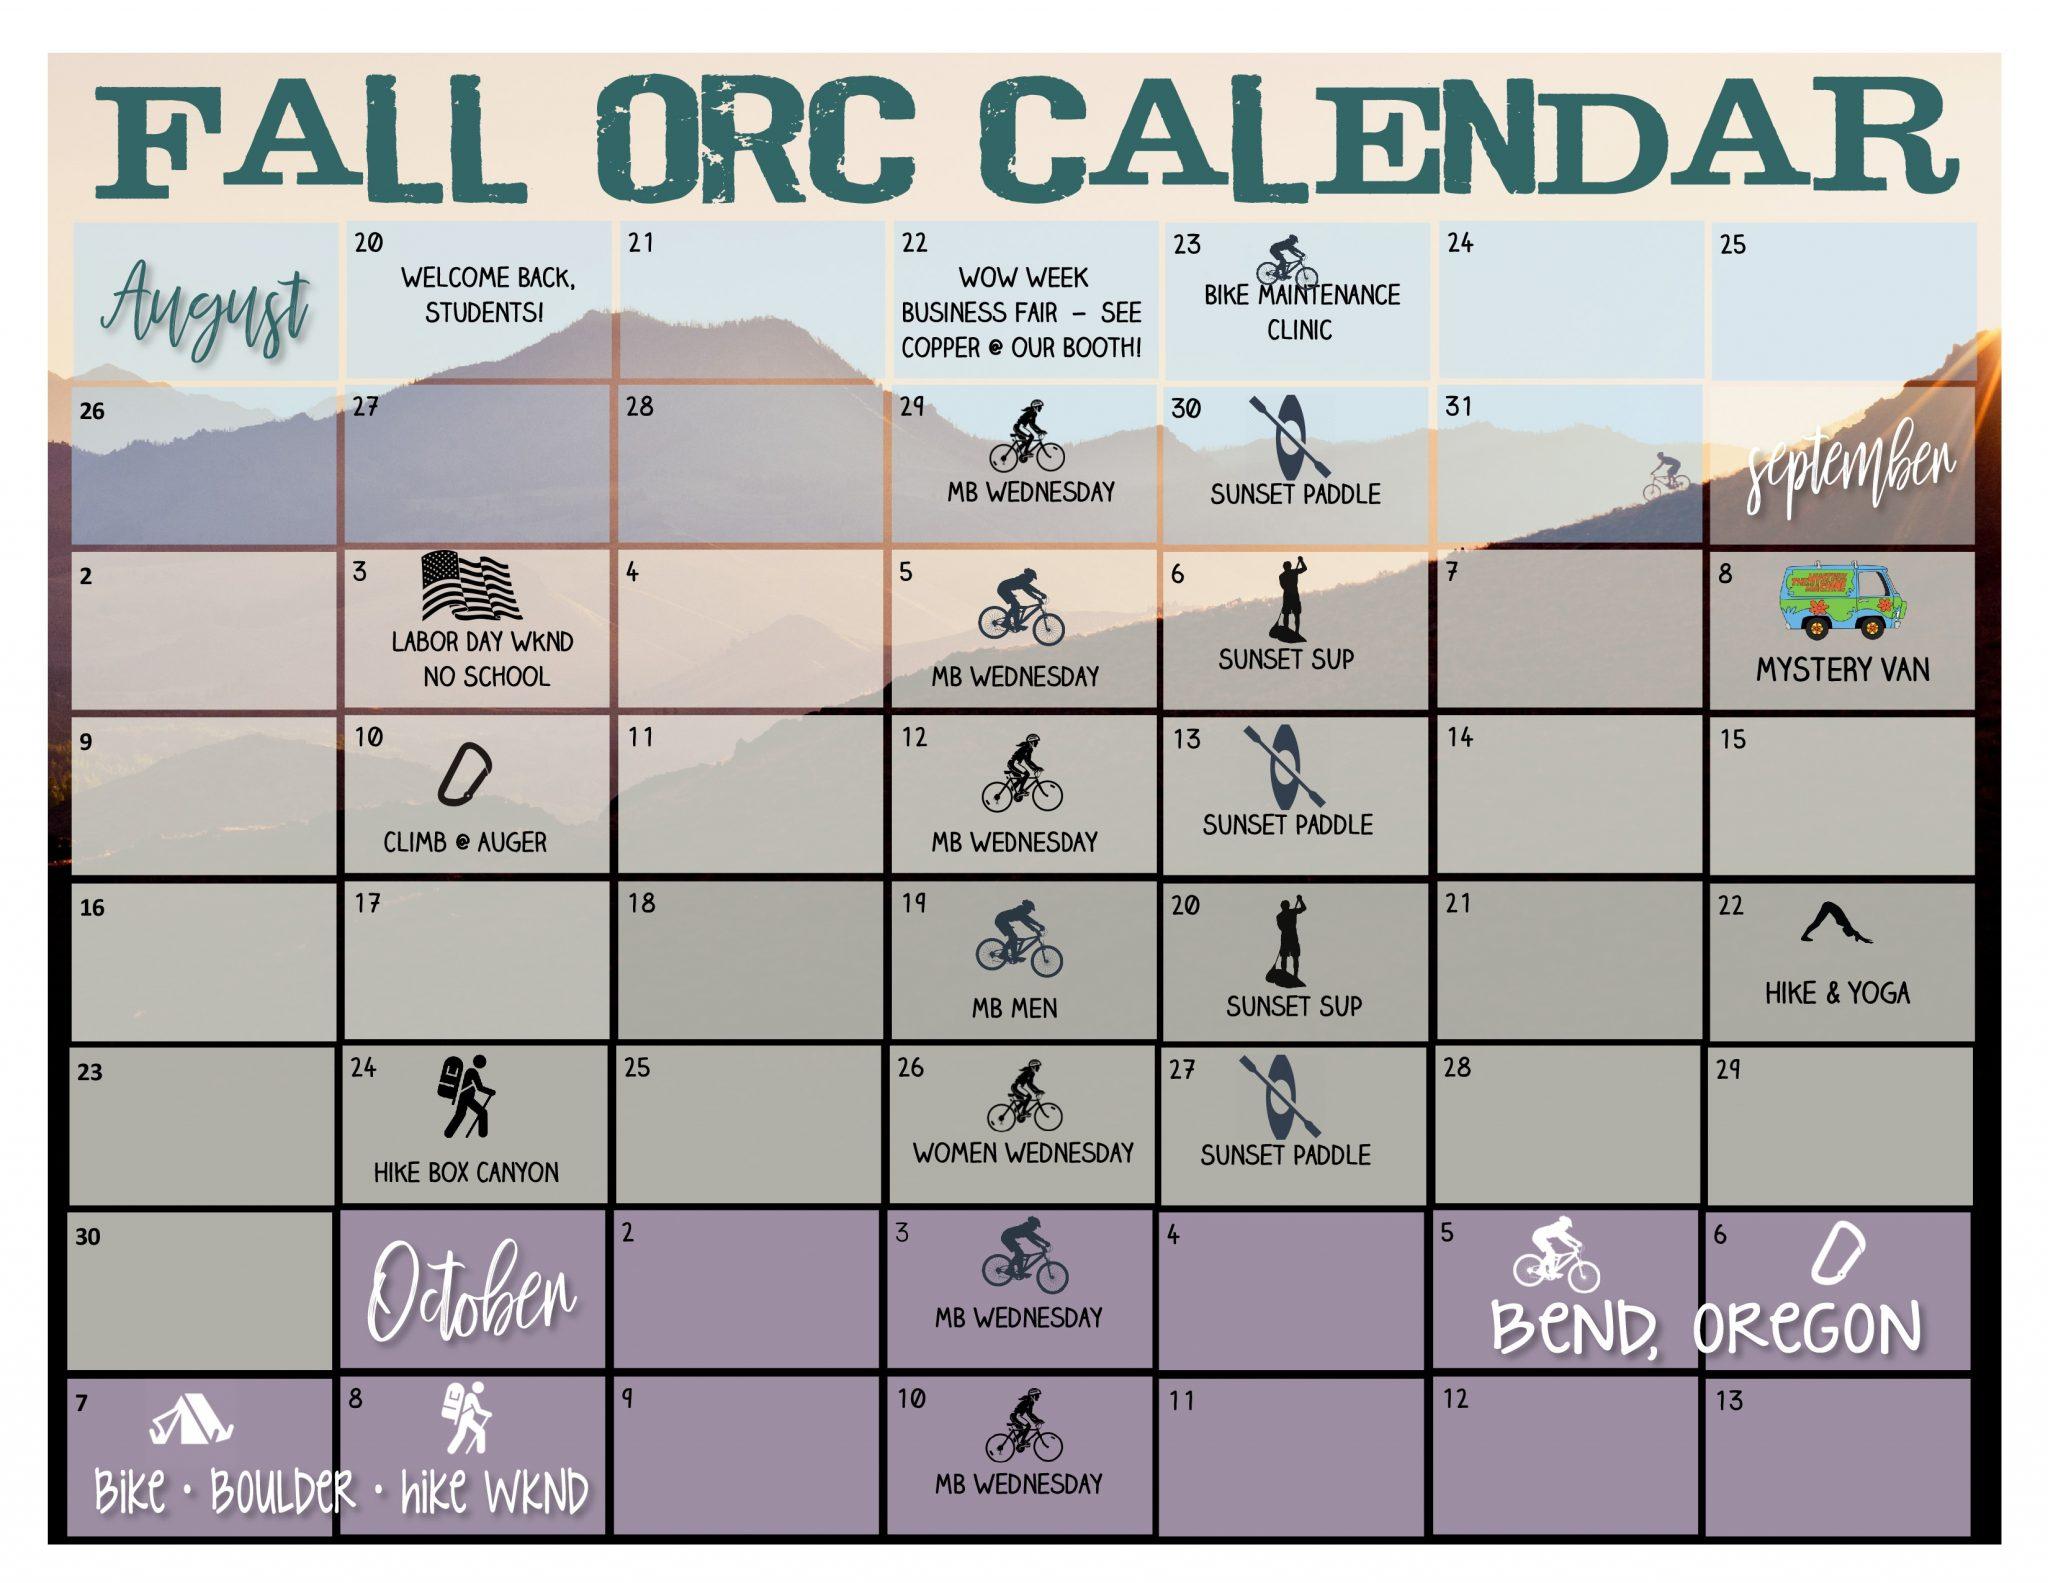 CSI Outdoor Recreation Center Fall 2018 Calendar